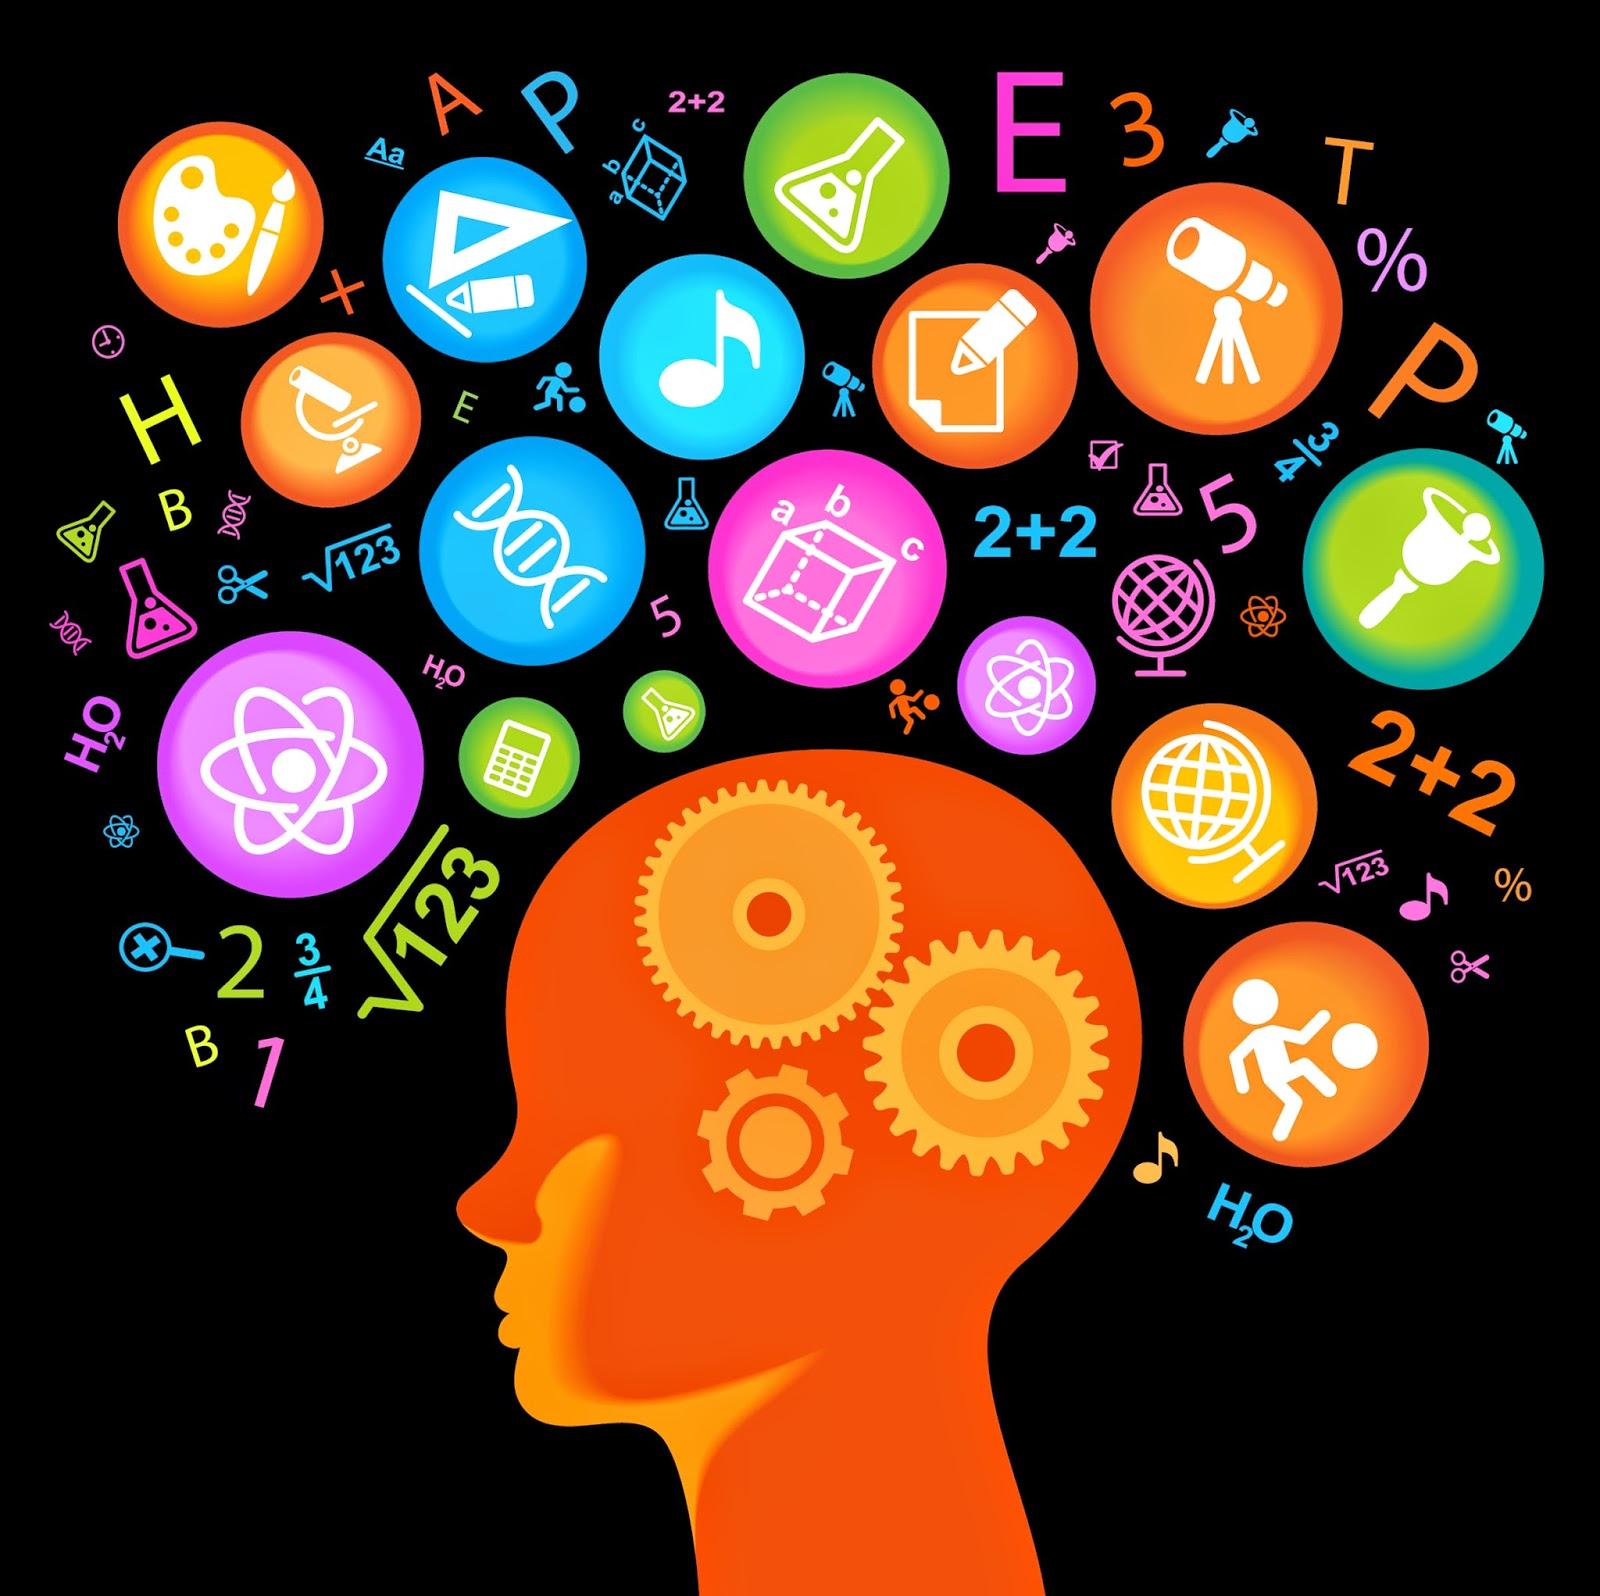 Γνωρίζεις τι είδους ευφυία έχεις; Μαθηματική Λογική Νοημοσύνη Aντίληψη Συναισθηματική Κοινωνική